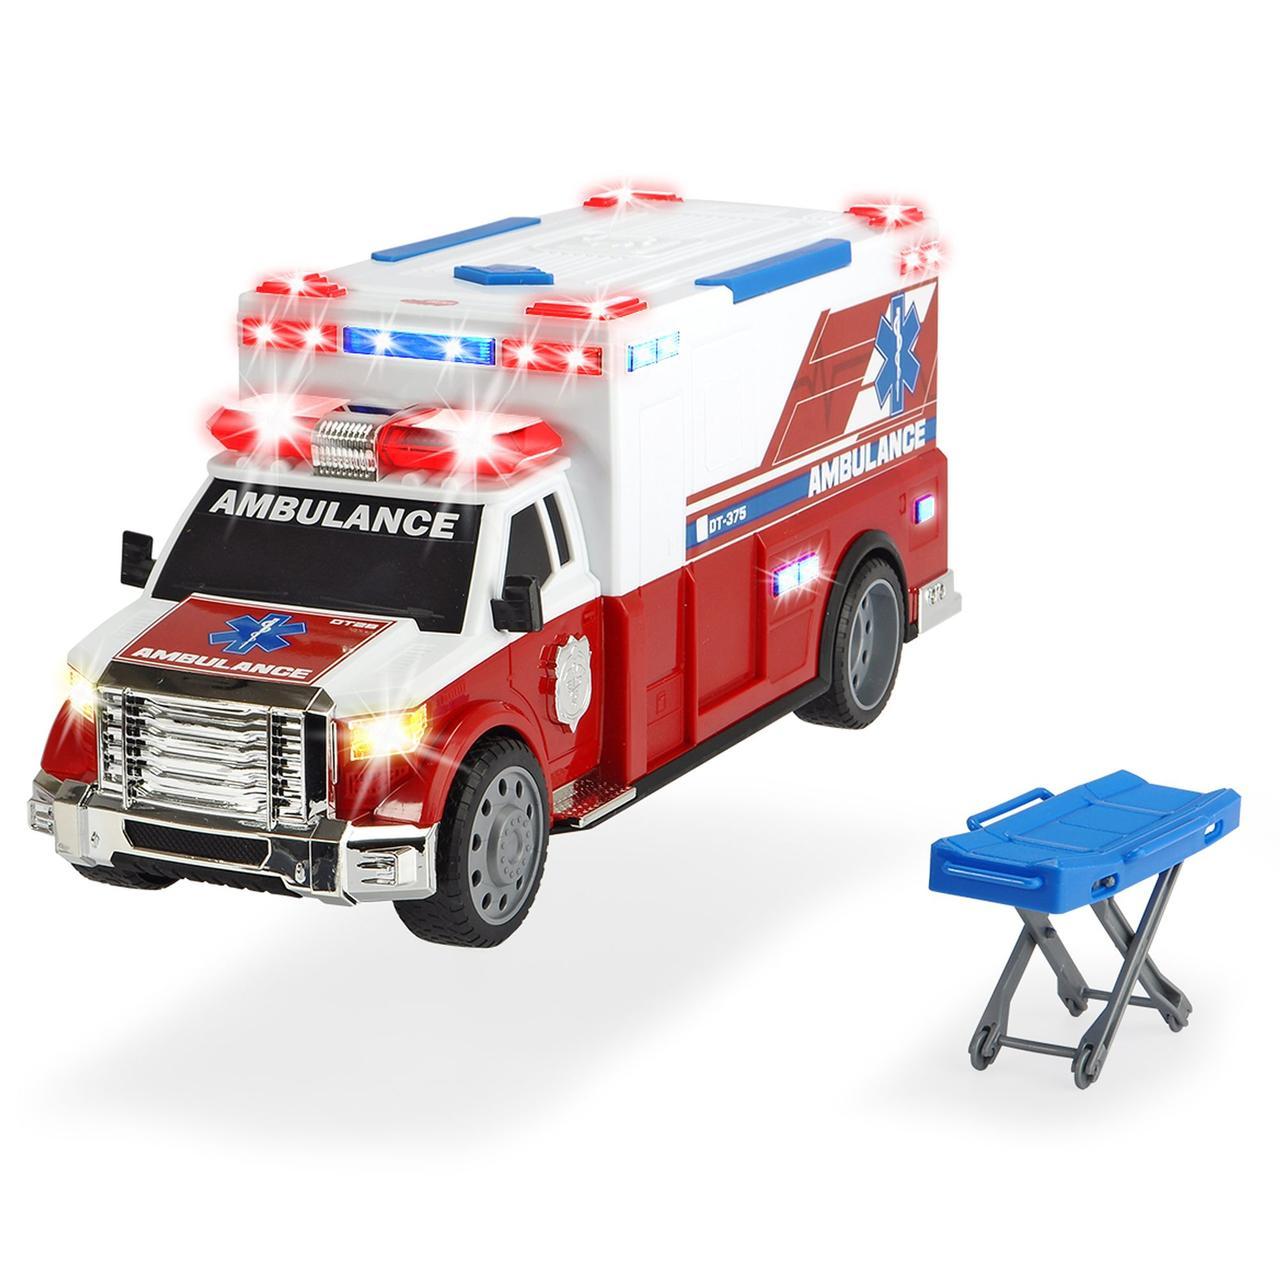 Автомобиль скорой помощи с носилками, звук. и свет. эффектами, 33 см, Dickie toys 1137010